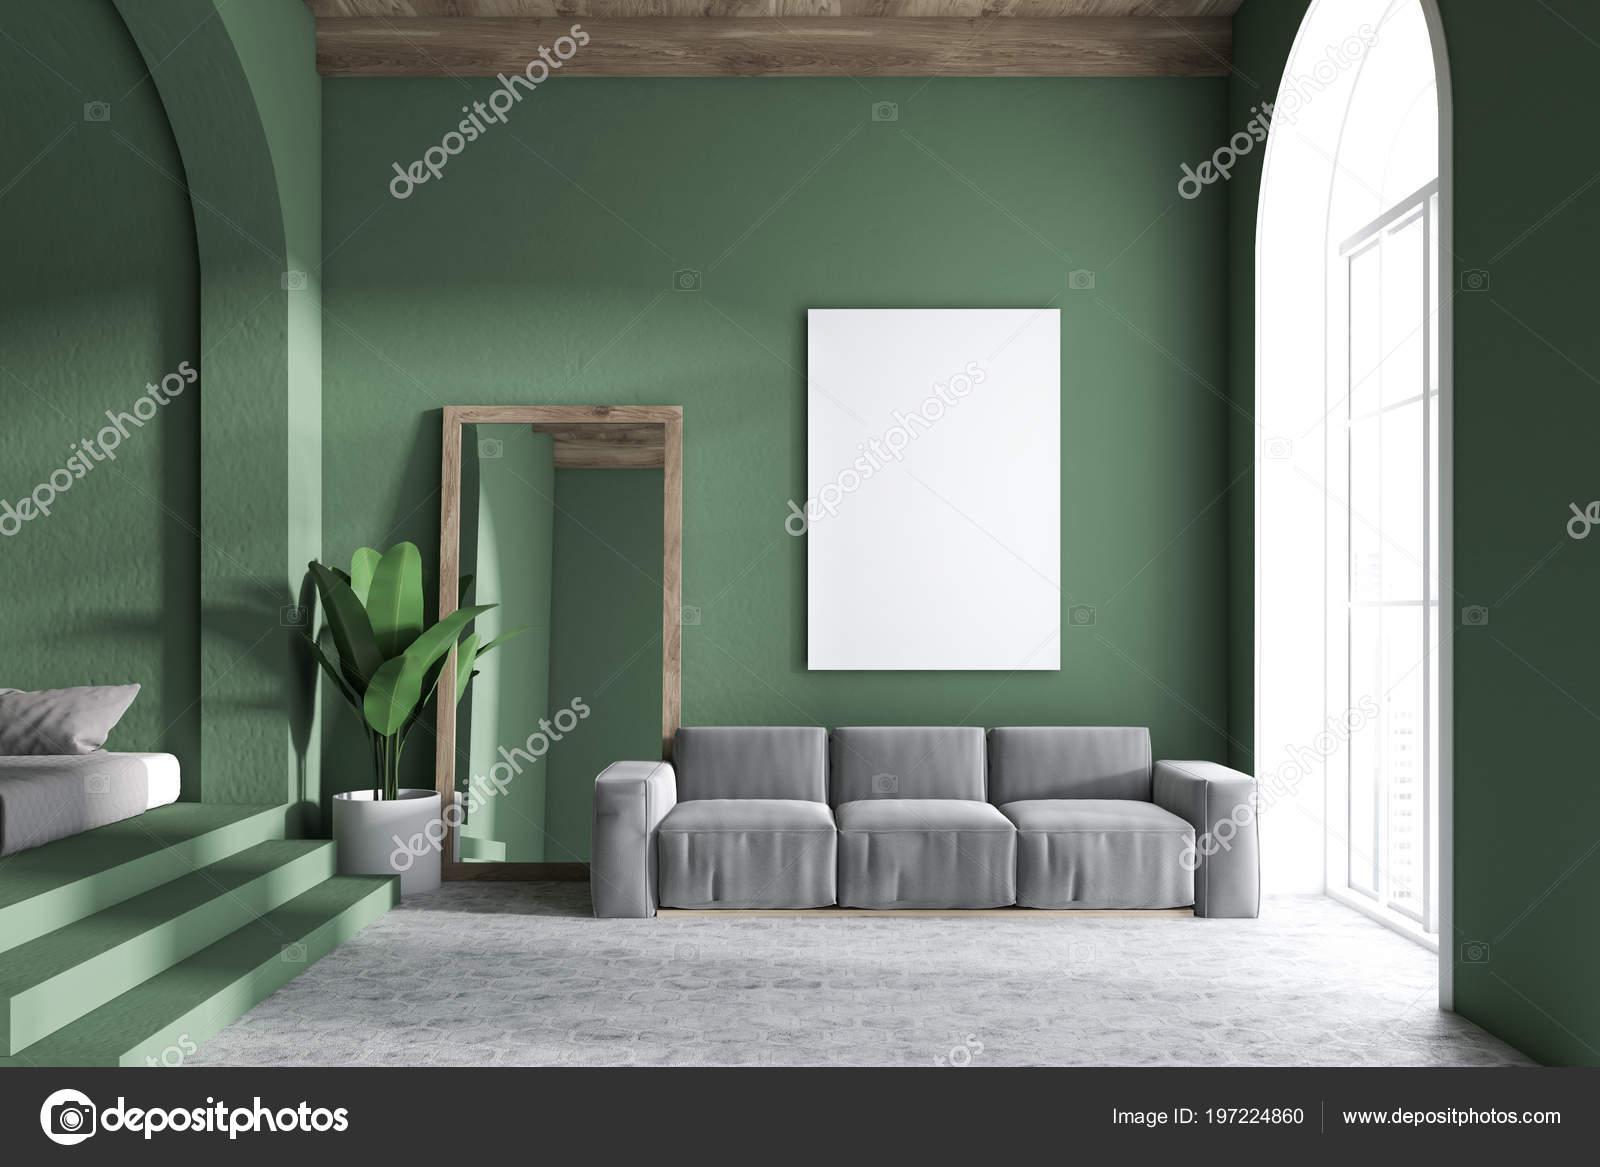 Blickfang Wohnzimmereinrichtung Beste Wahl Grauen Sofa Wohnzimmer Einrichtung Mit Dunklen Grünen